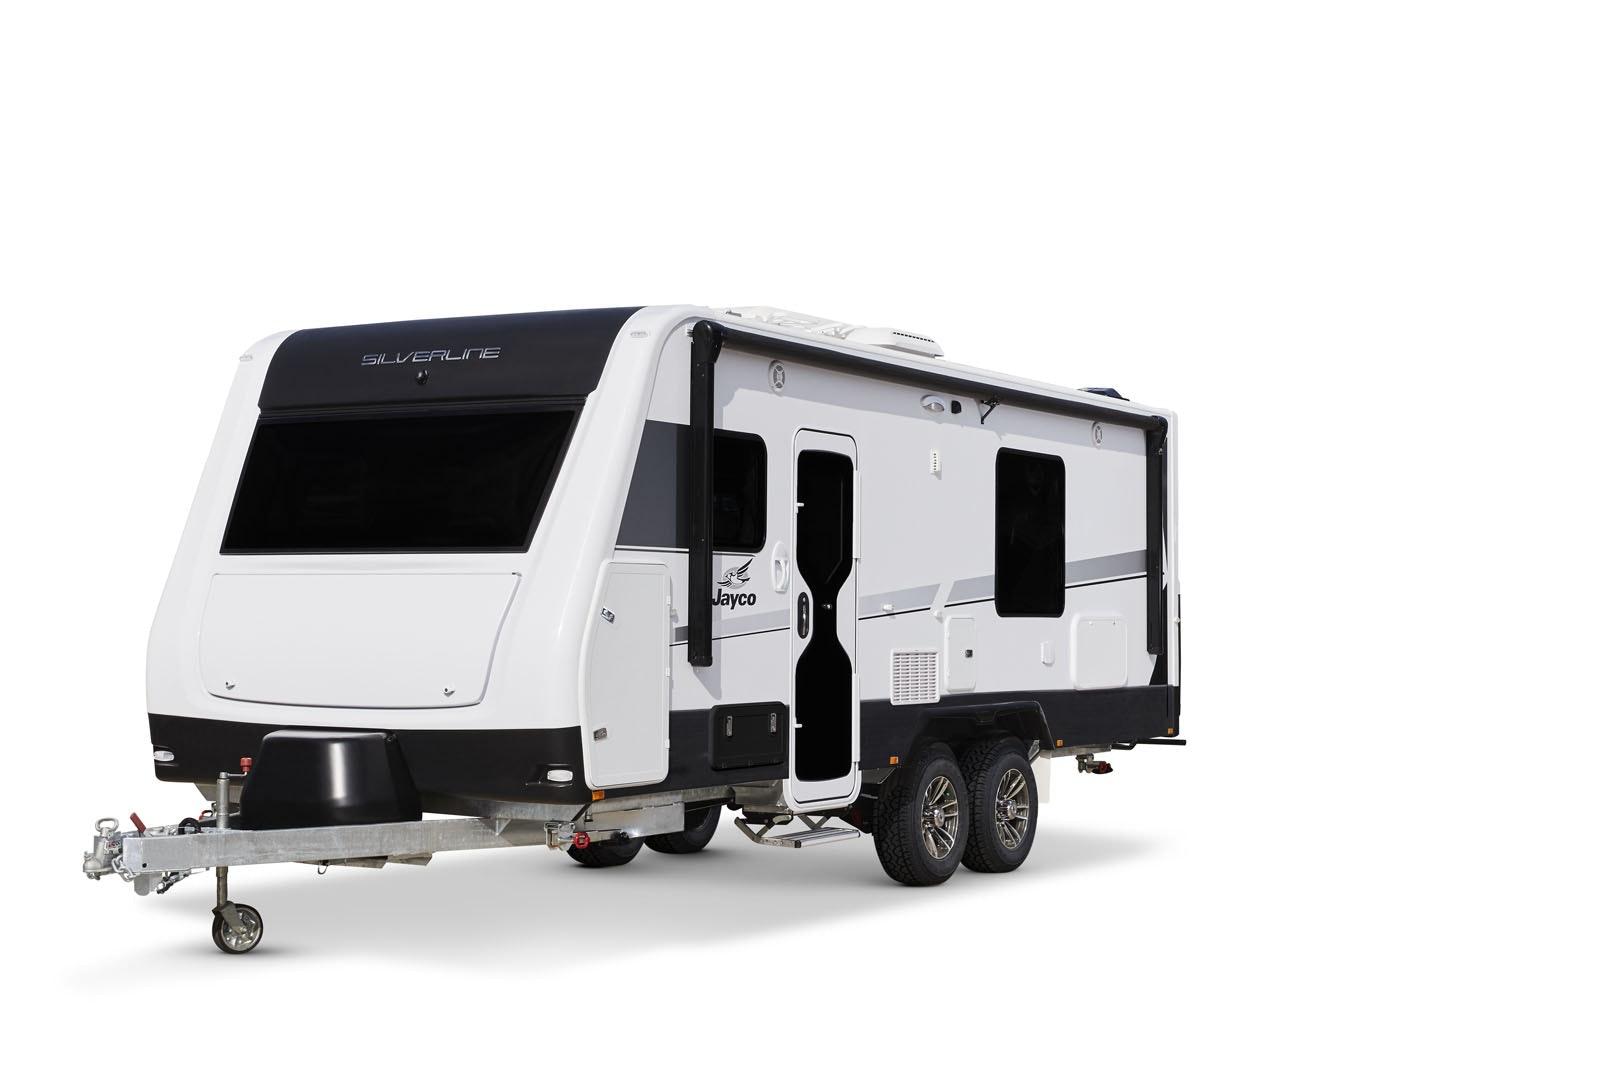 Silverline Caravan